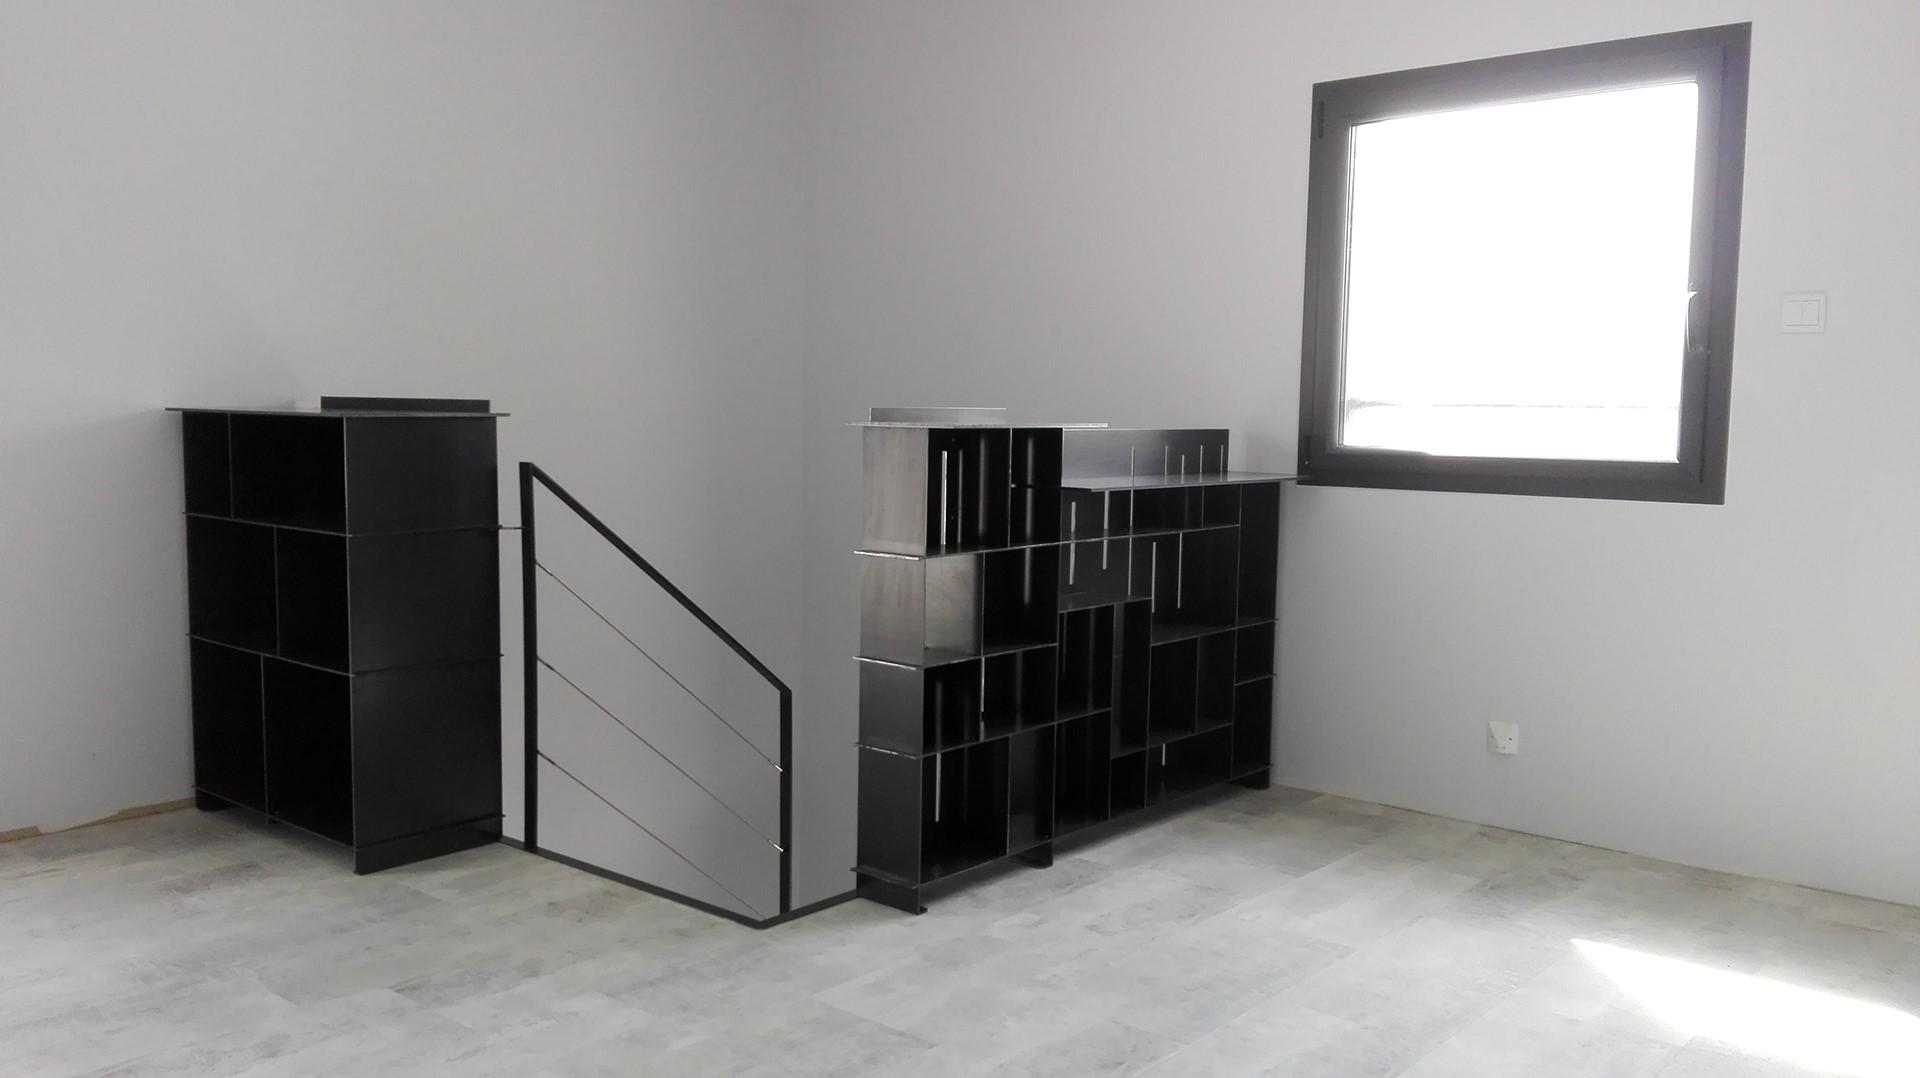 meuble garde corps meuble sur mesure pas cher meuble sur mesure pas cher pour plan de interieur. Black Bedroom Furniture Sets. Home Design Ideas